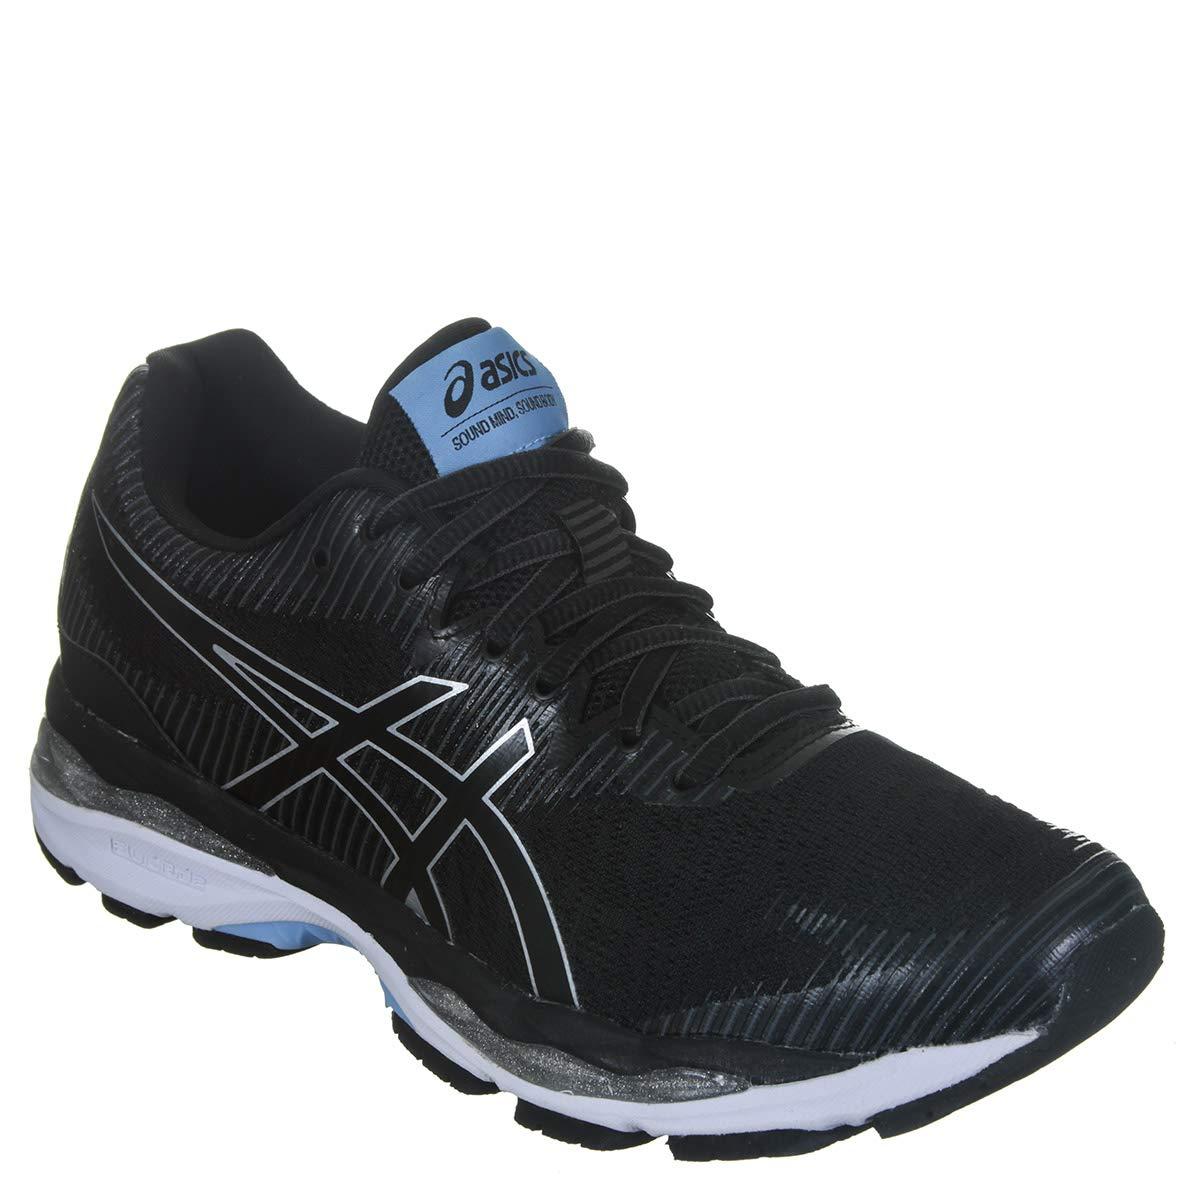 ASICS Gel-Ziruss 2 Femmes Running Trainers 1012A014 Sneakers Chaussures